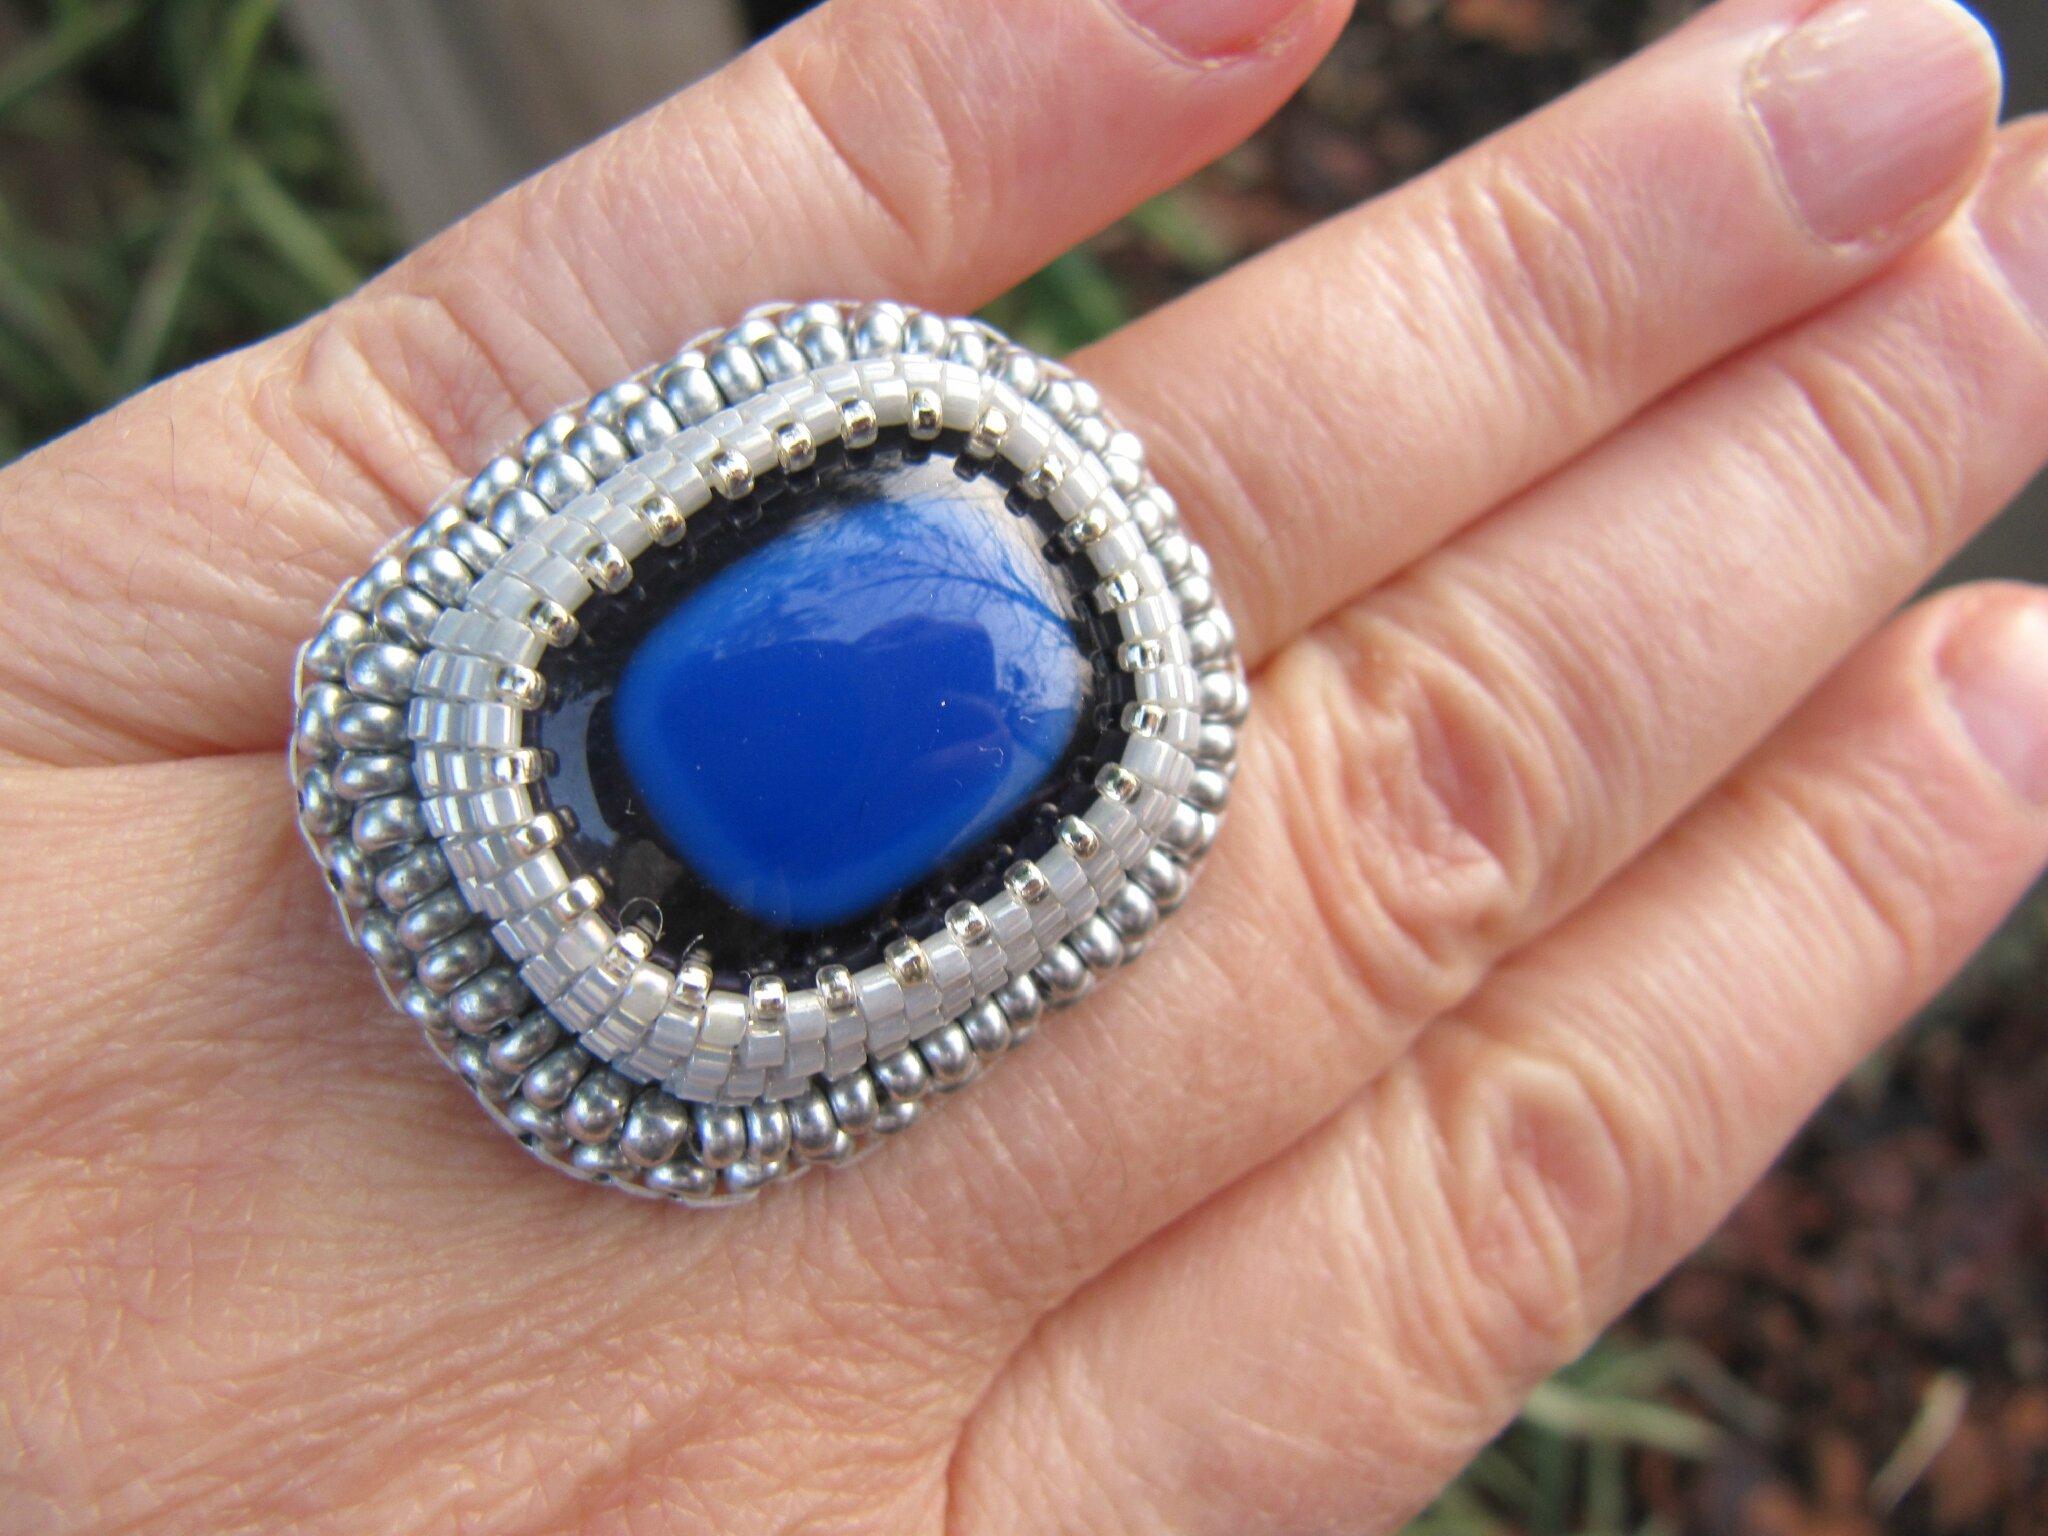 Bague brodée bleu cobalt.